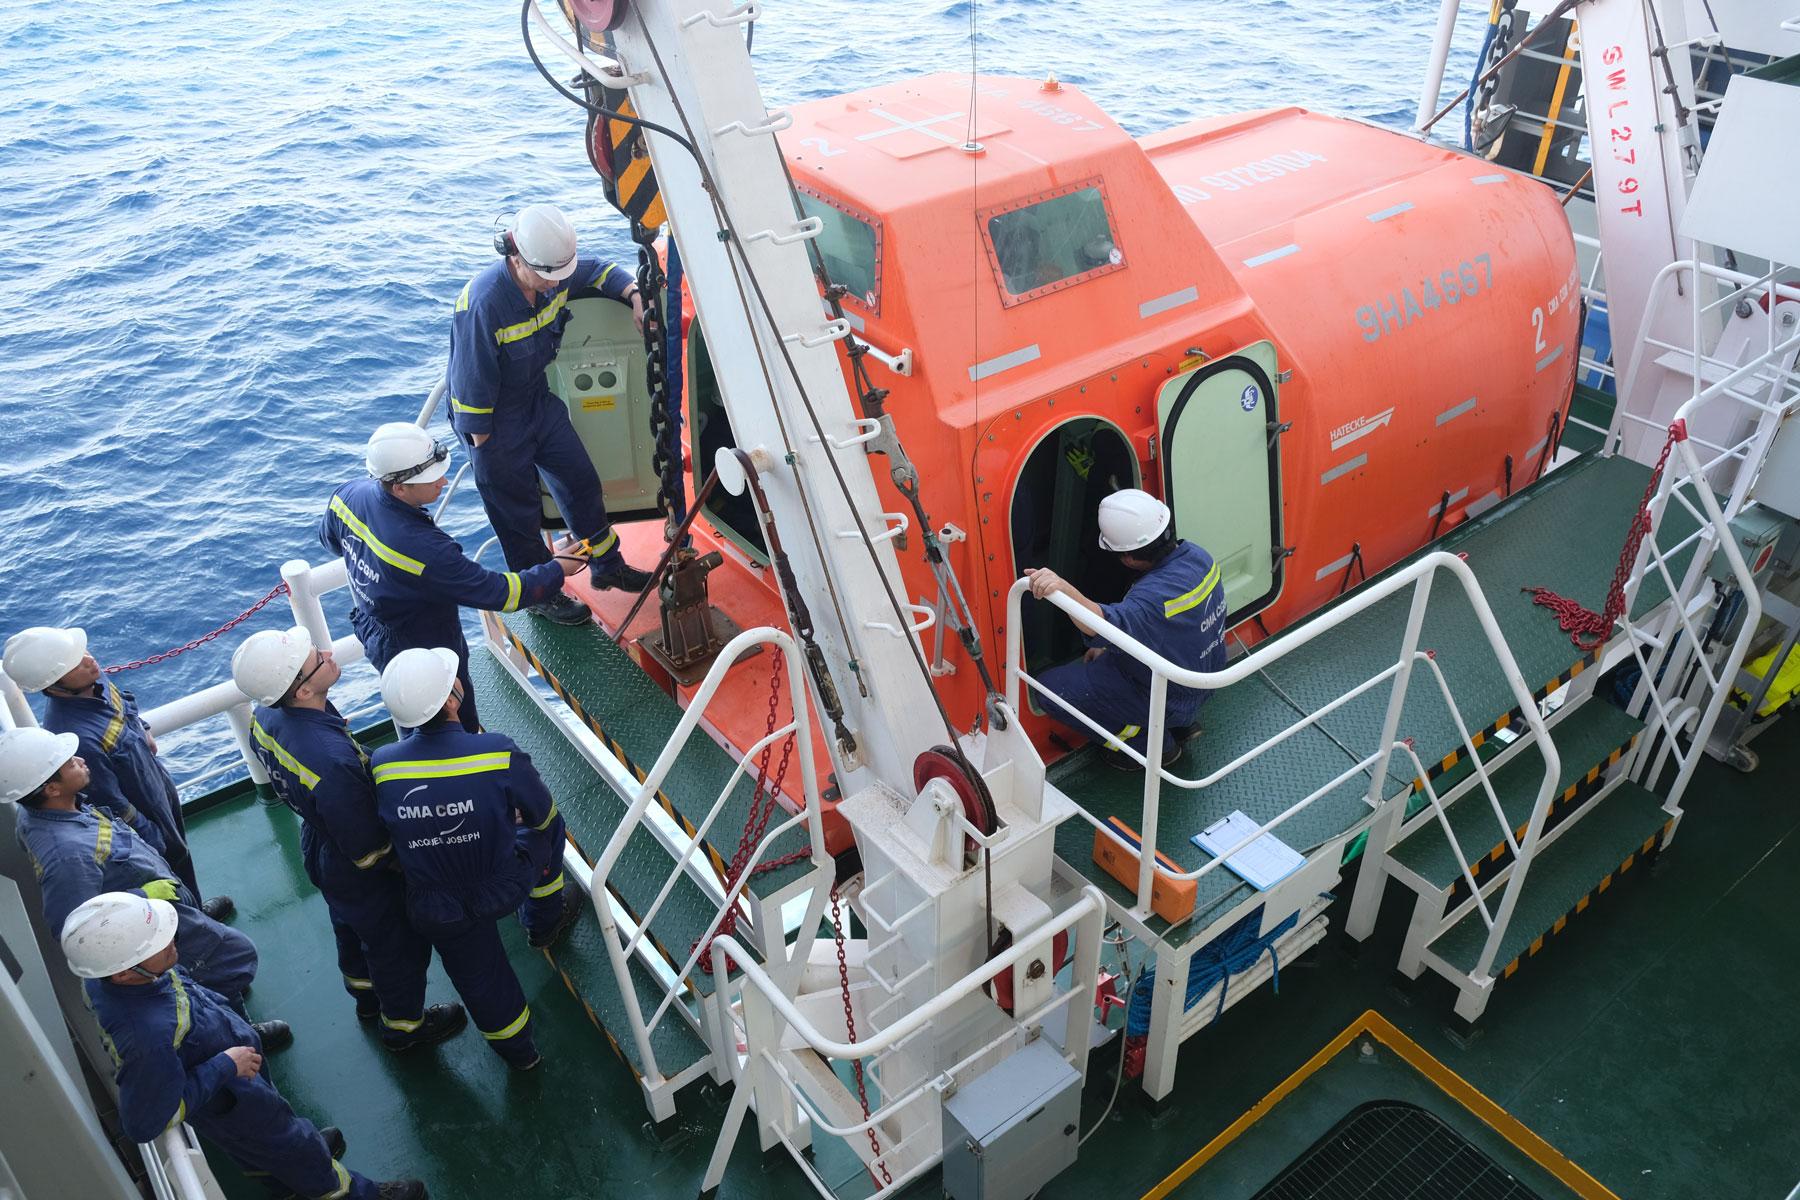 Sicherheitsübung mit Rettungsboot auf einem Frachtschiff auf dem Pazifik.